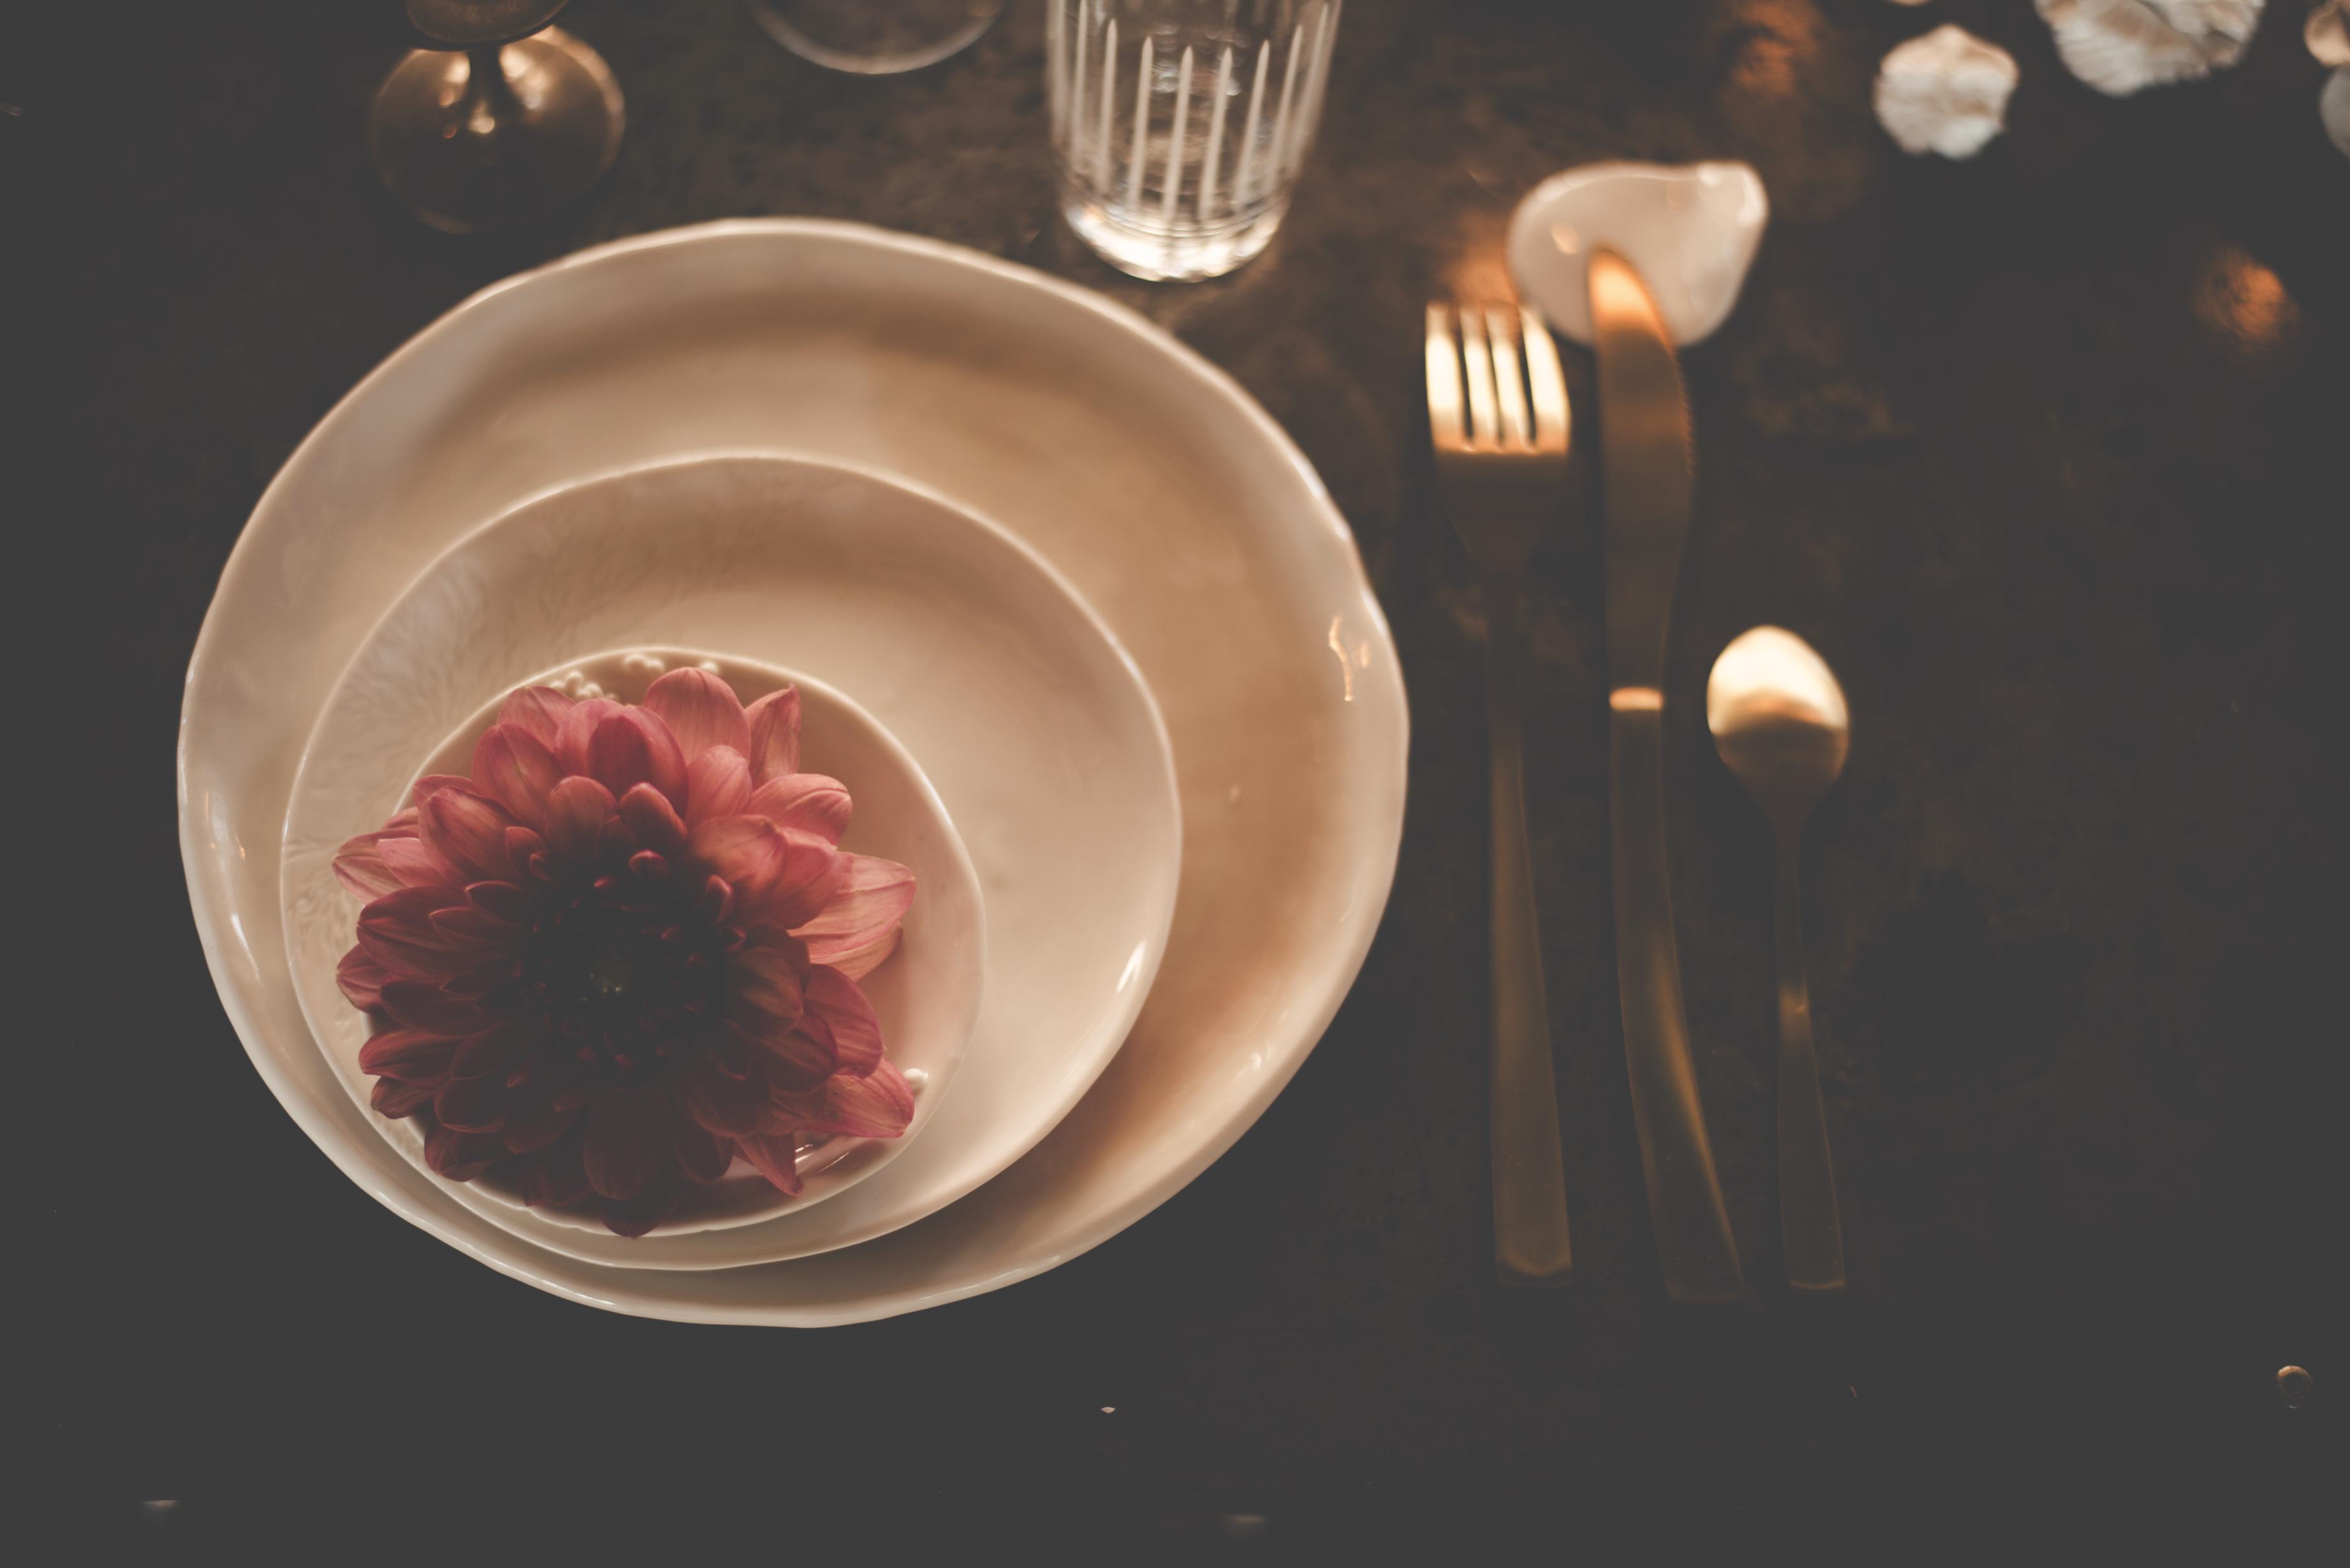 Wedding dinner tableware